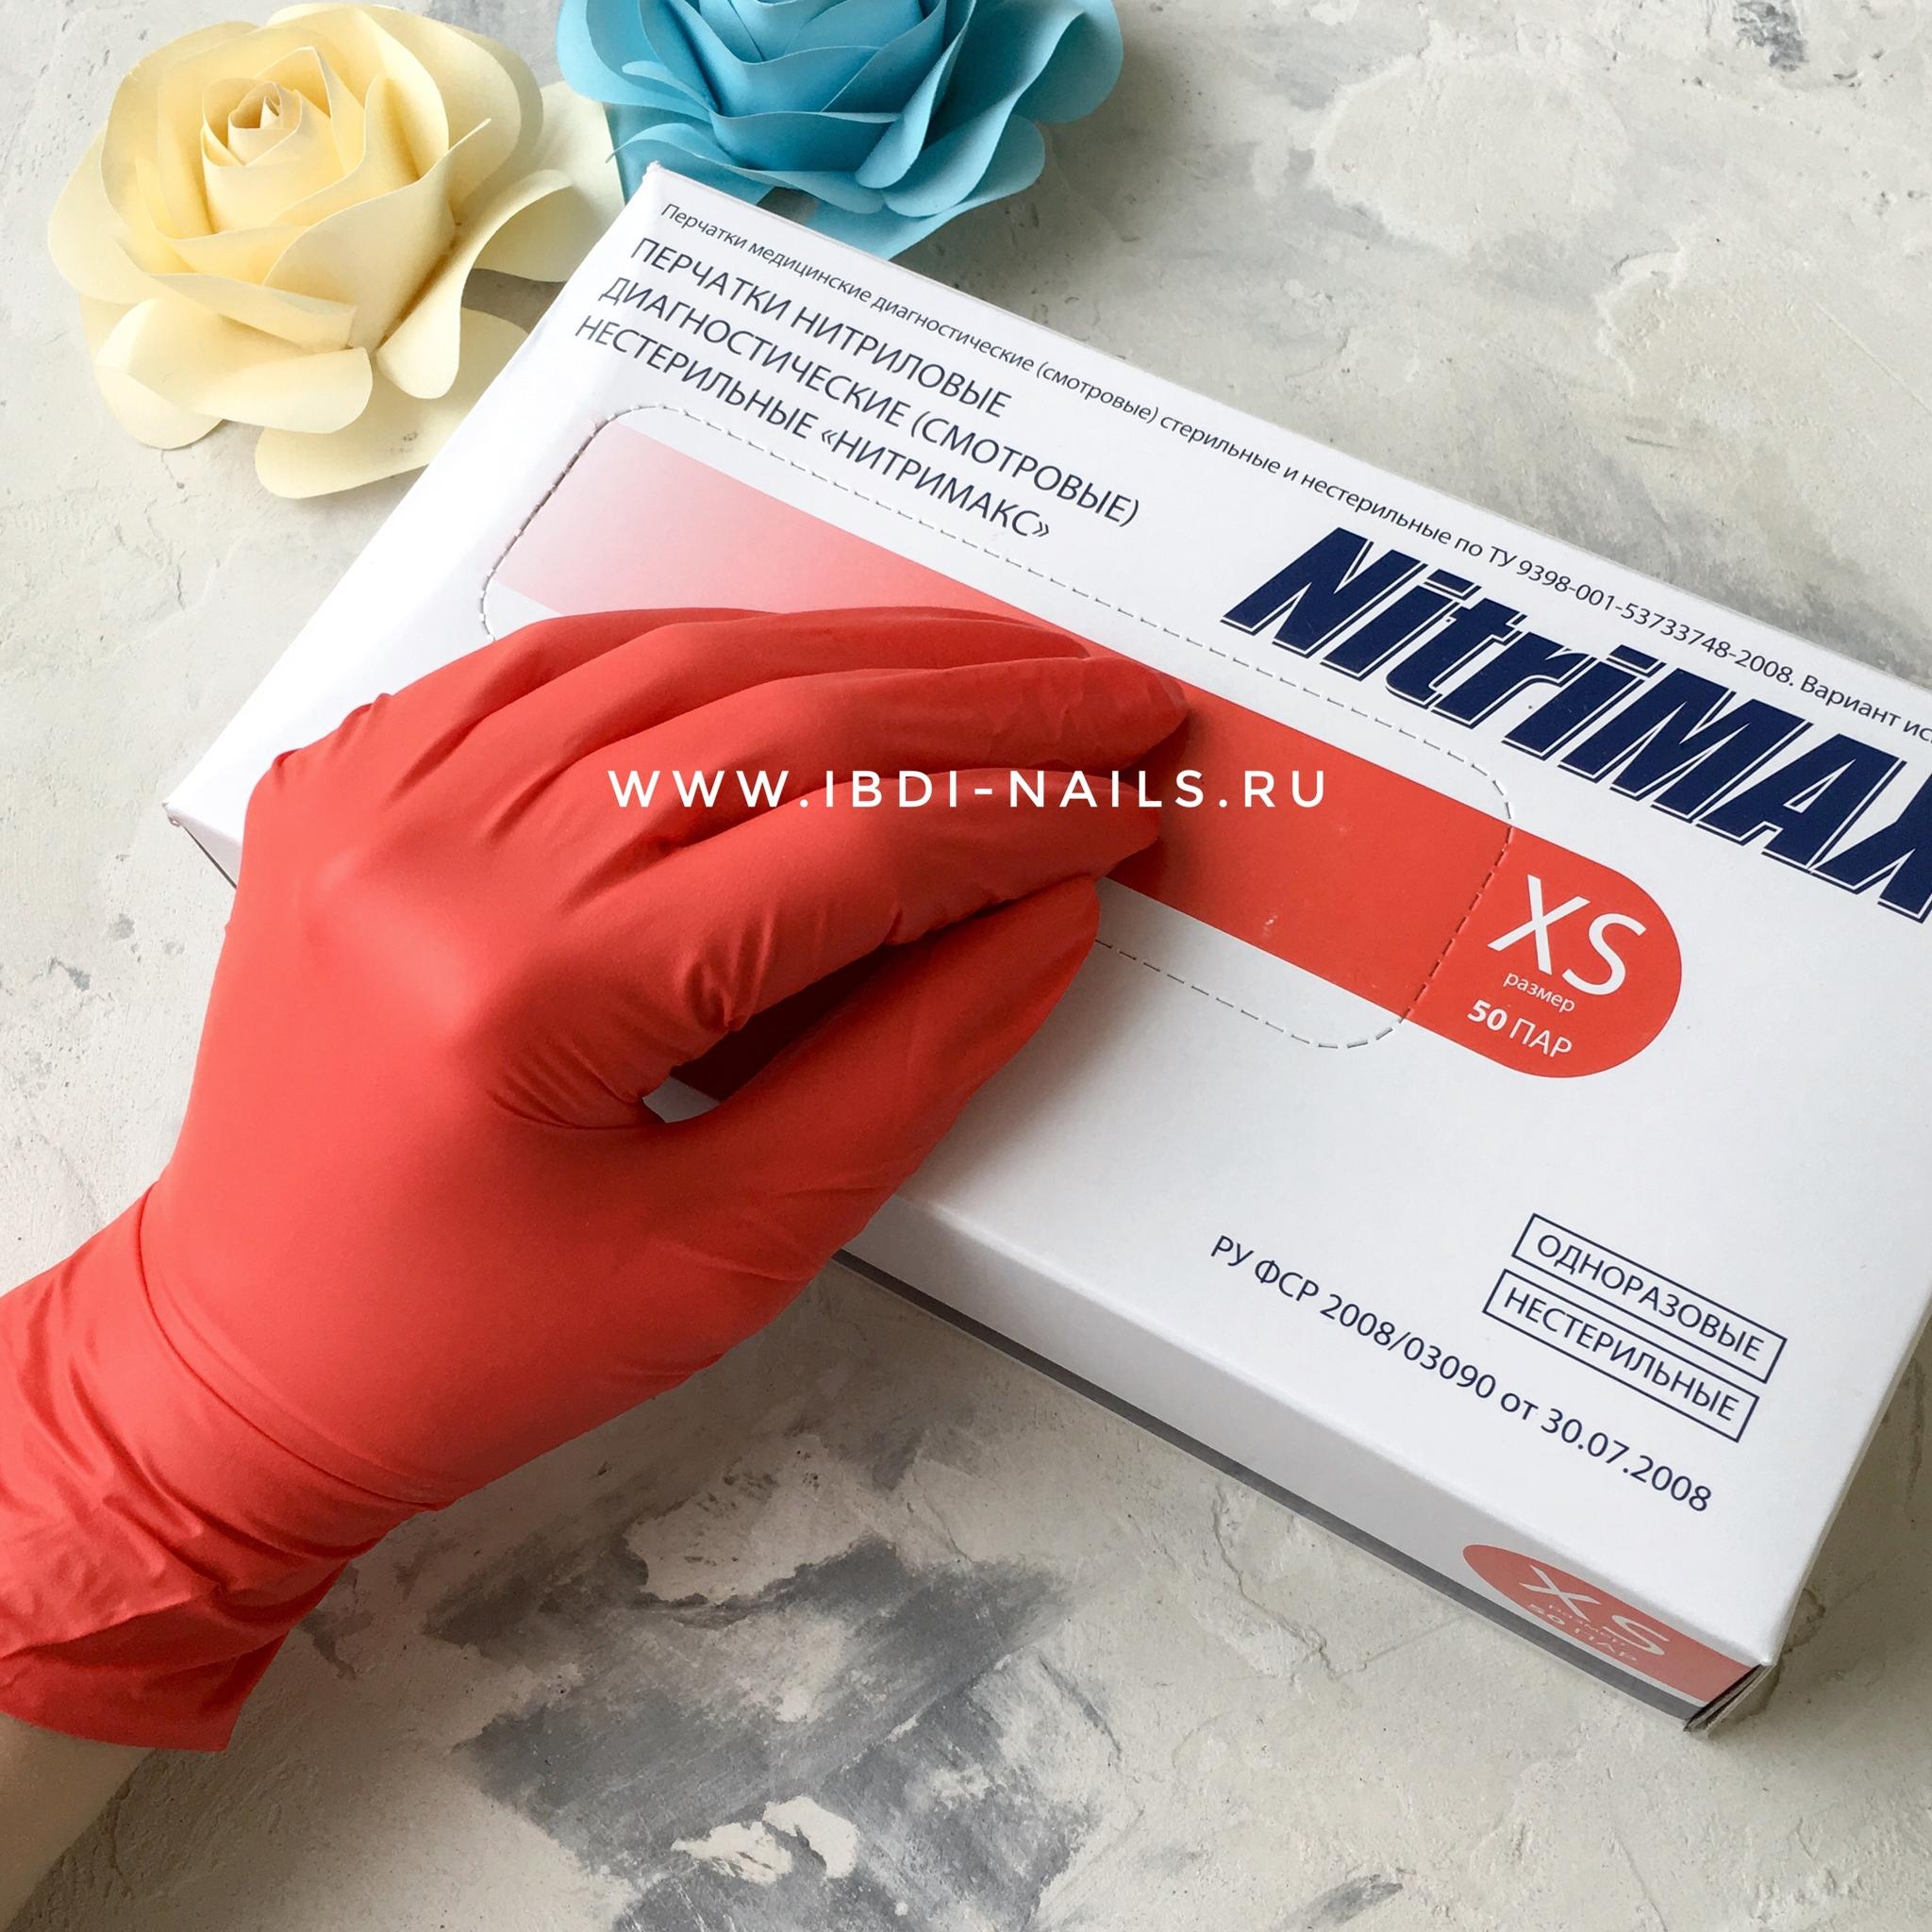 Перчатки NitriMAX нитриловые красные XS 50 пар